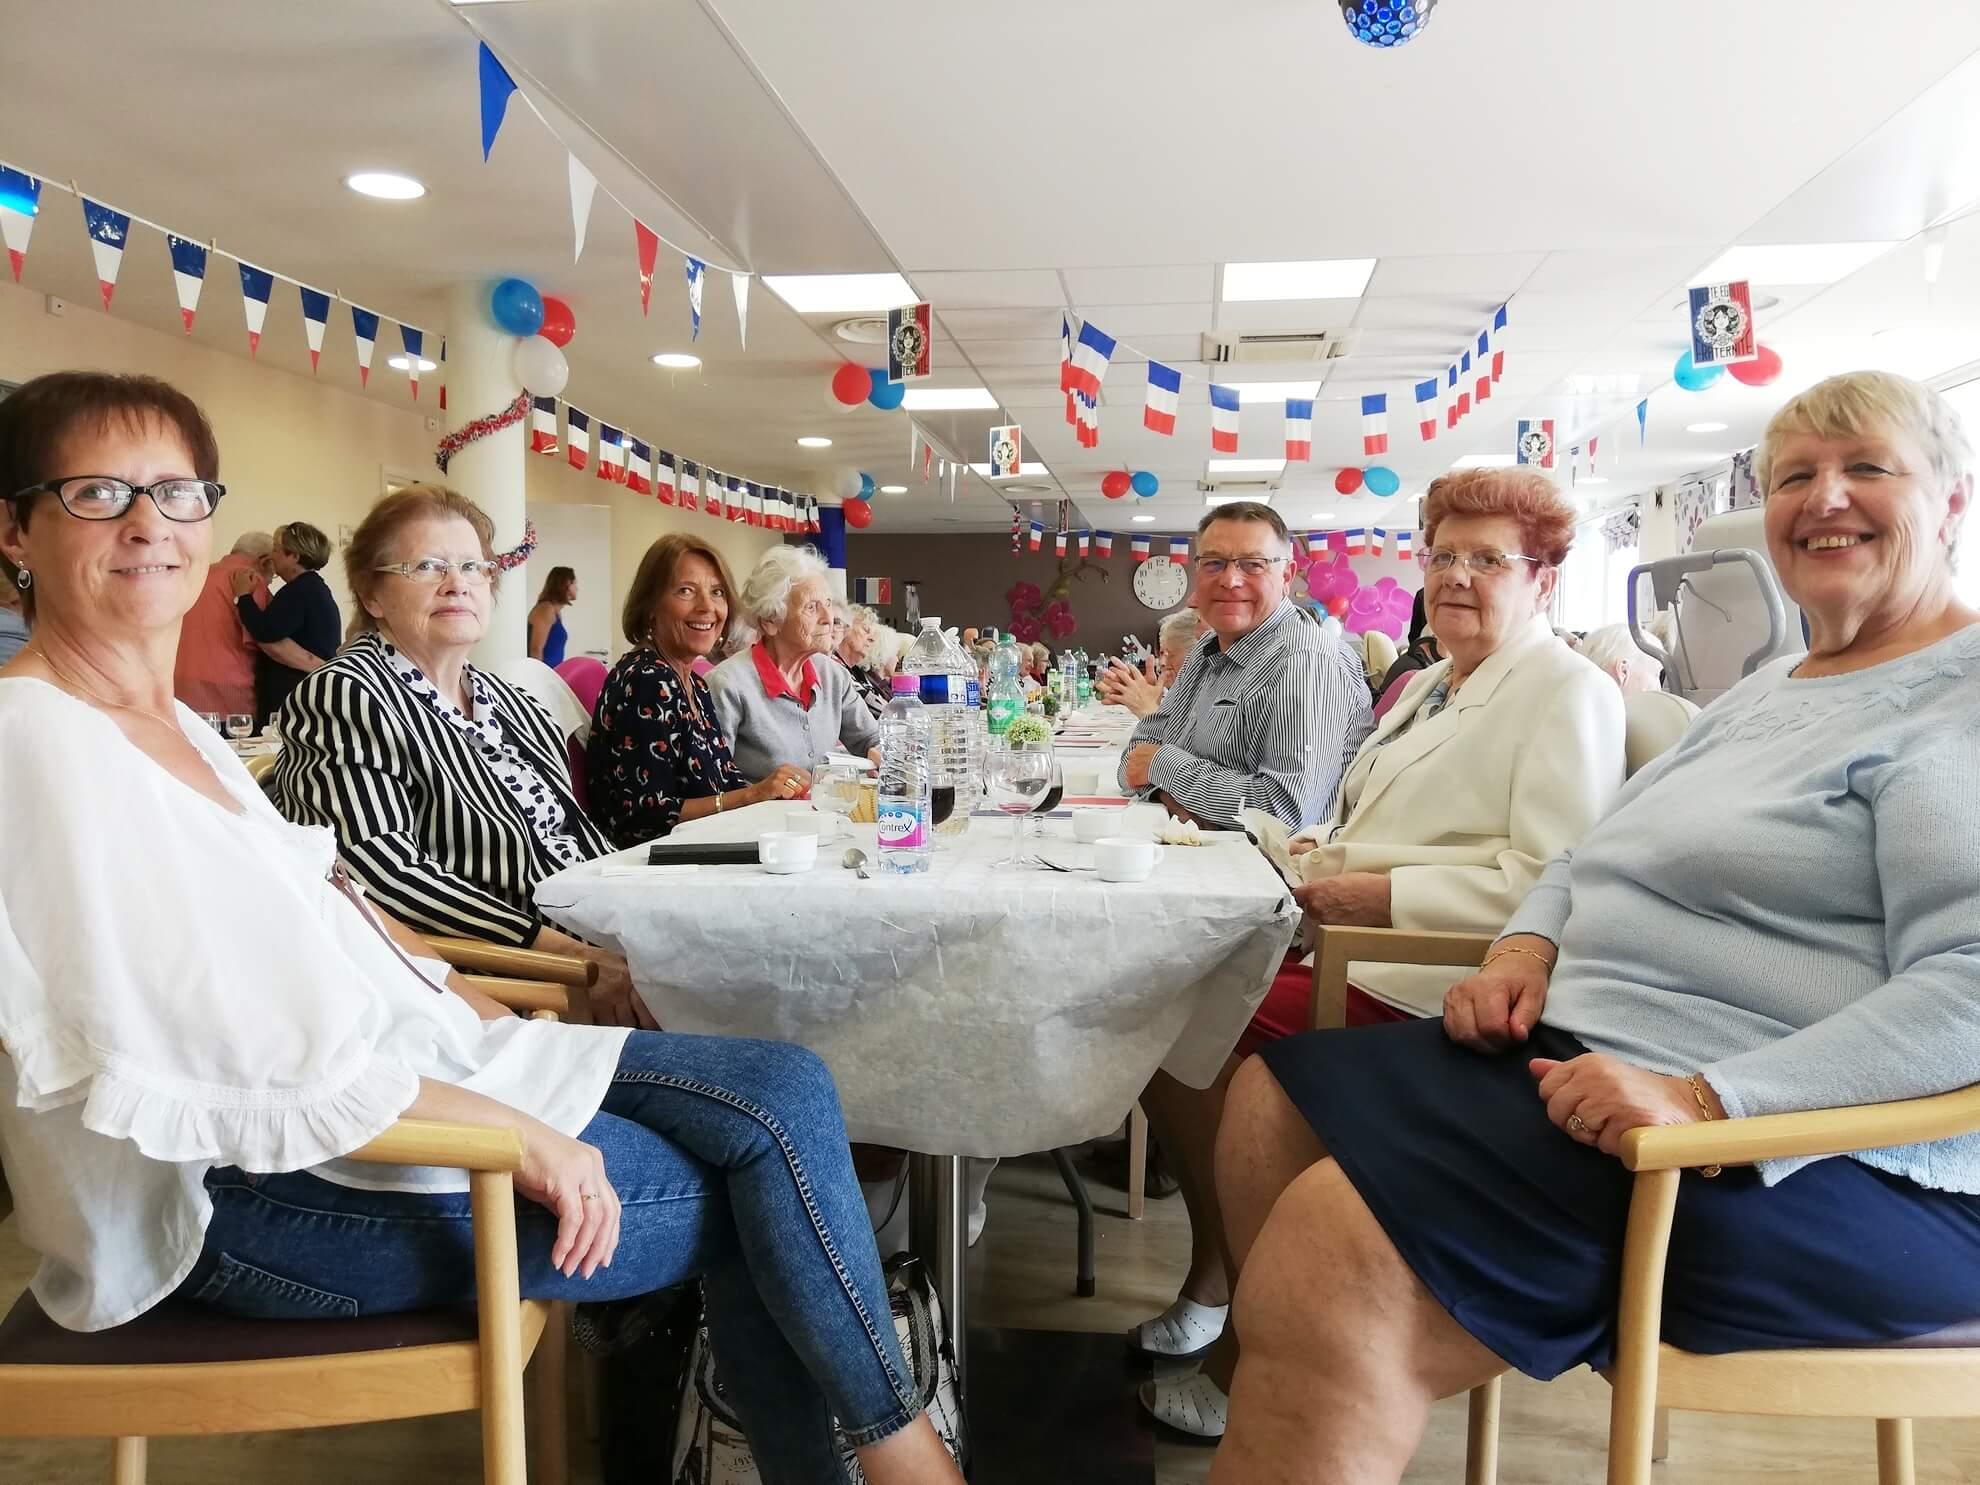 14 juillet fête des familles ehpad les lilas marck (1)